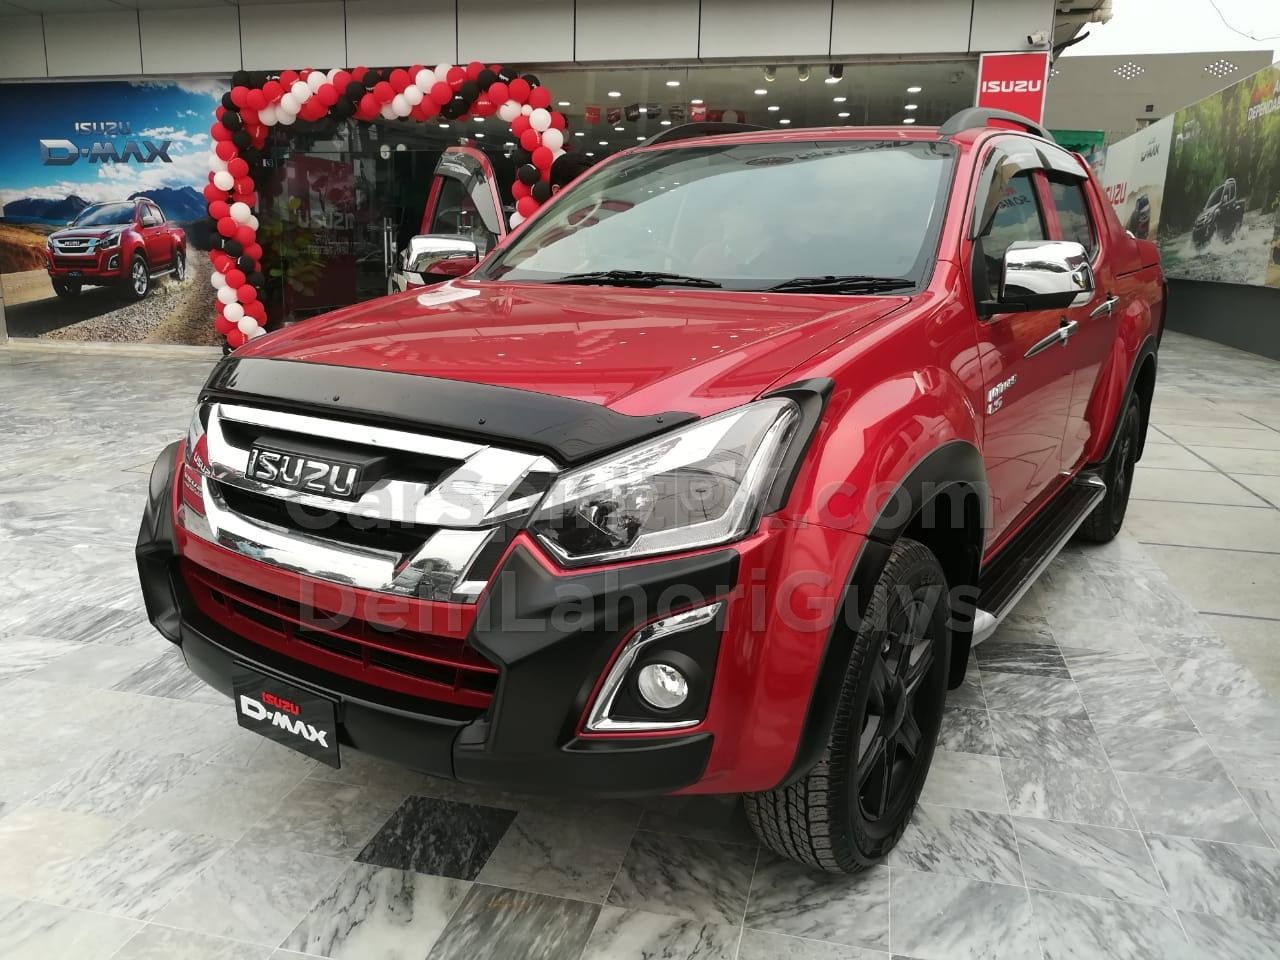 Isuzu D-Max Broke Its Own Lowest Sales Record 4